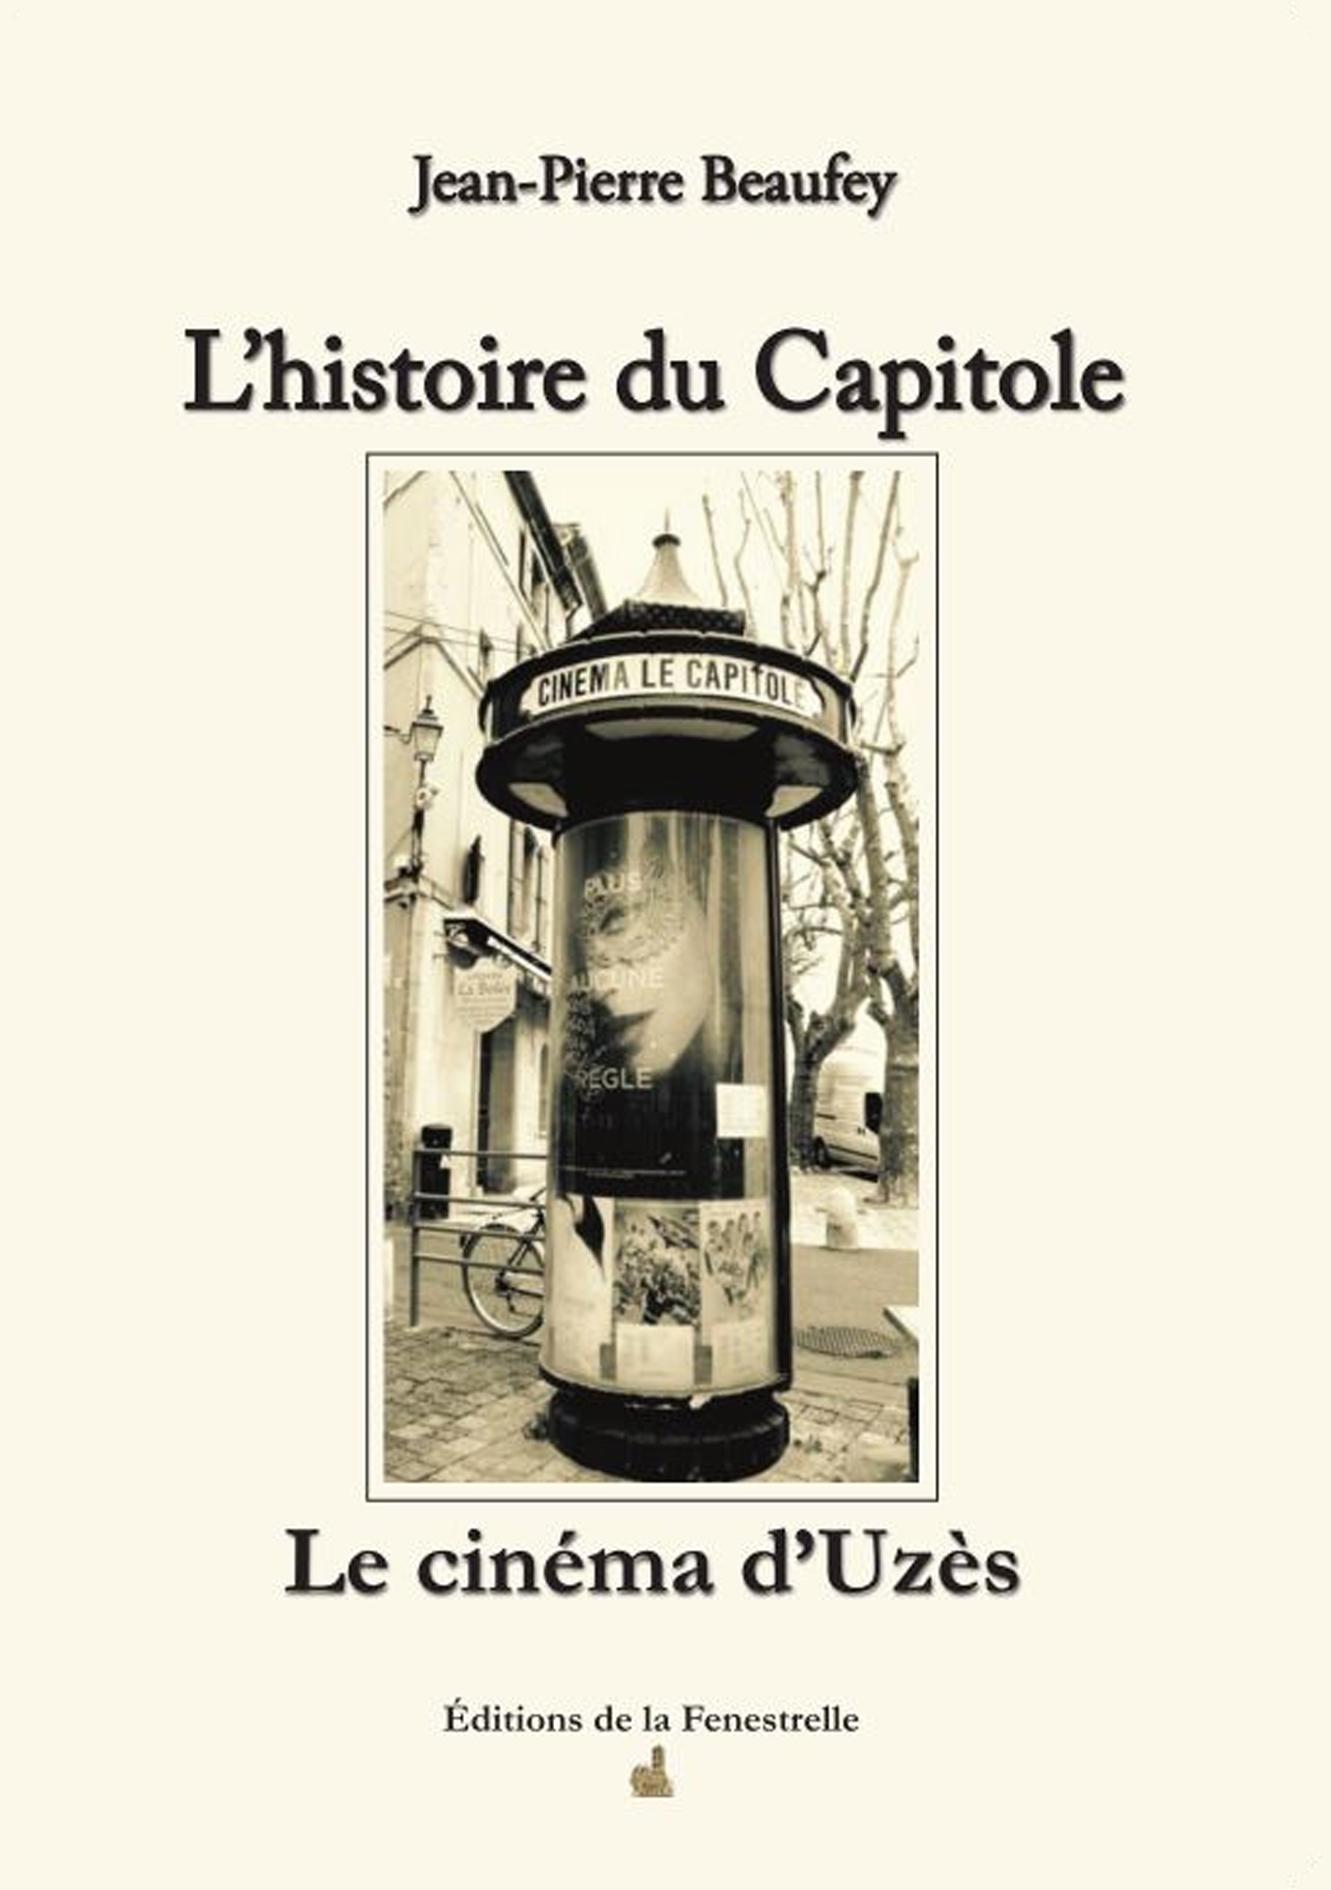 L'histoire du Capitole – Le cinéma d'Uzès